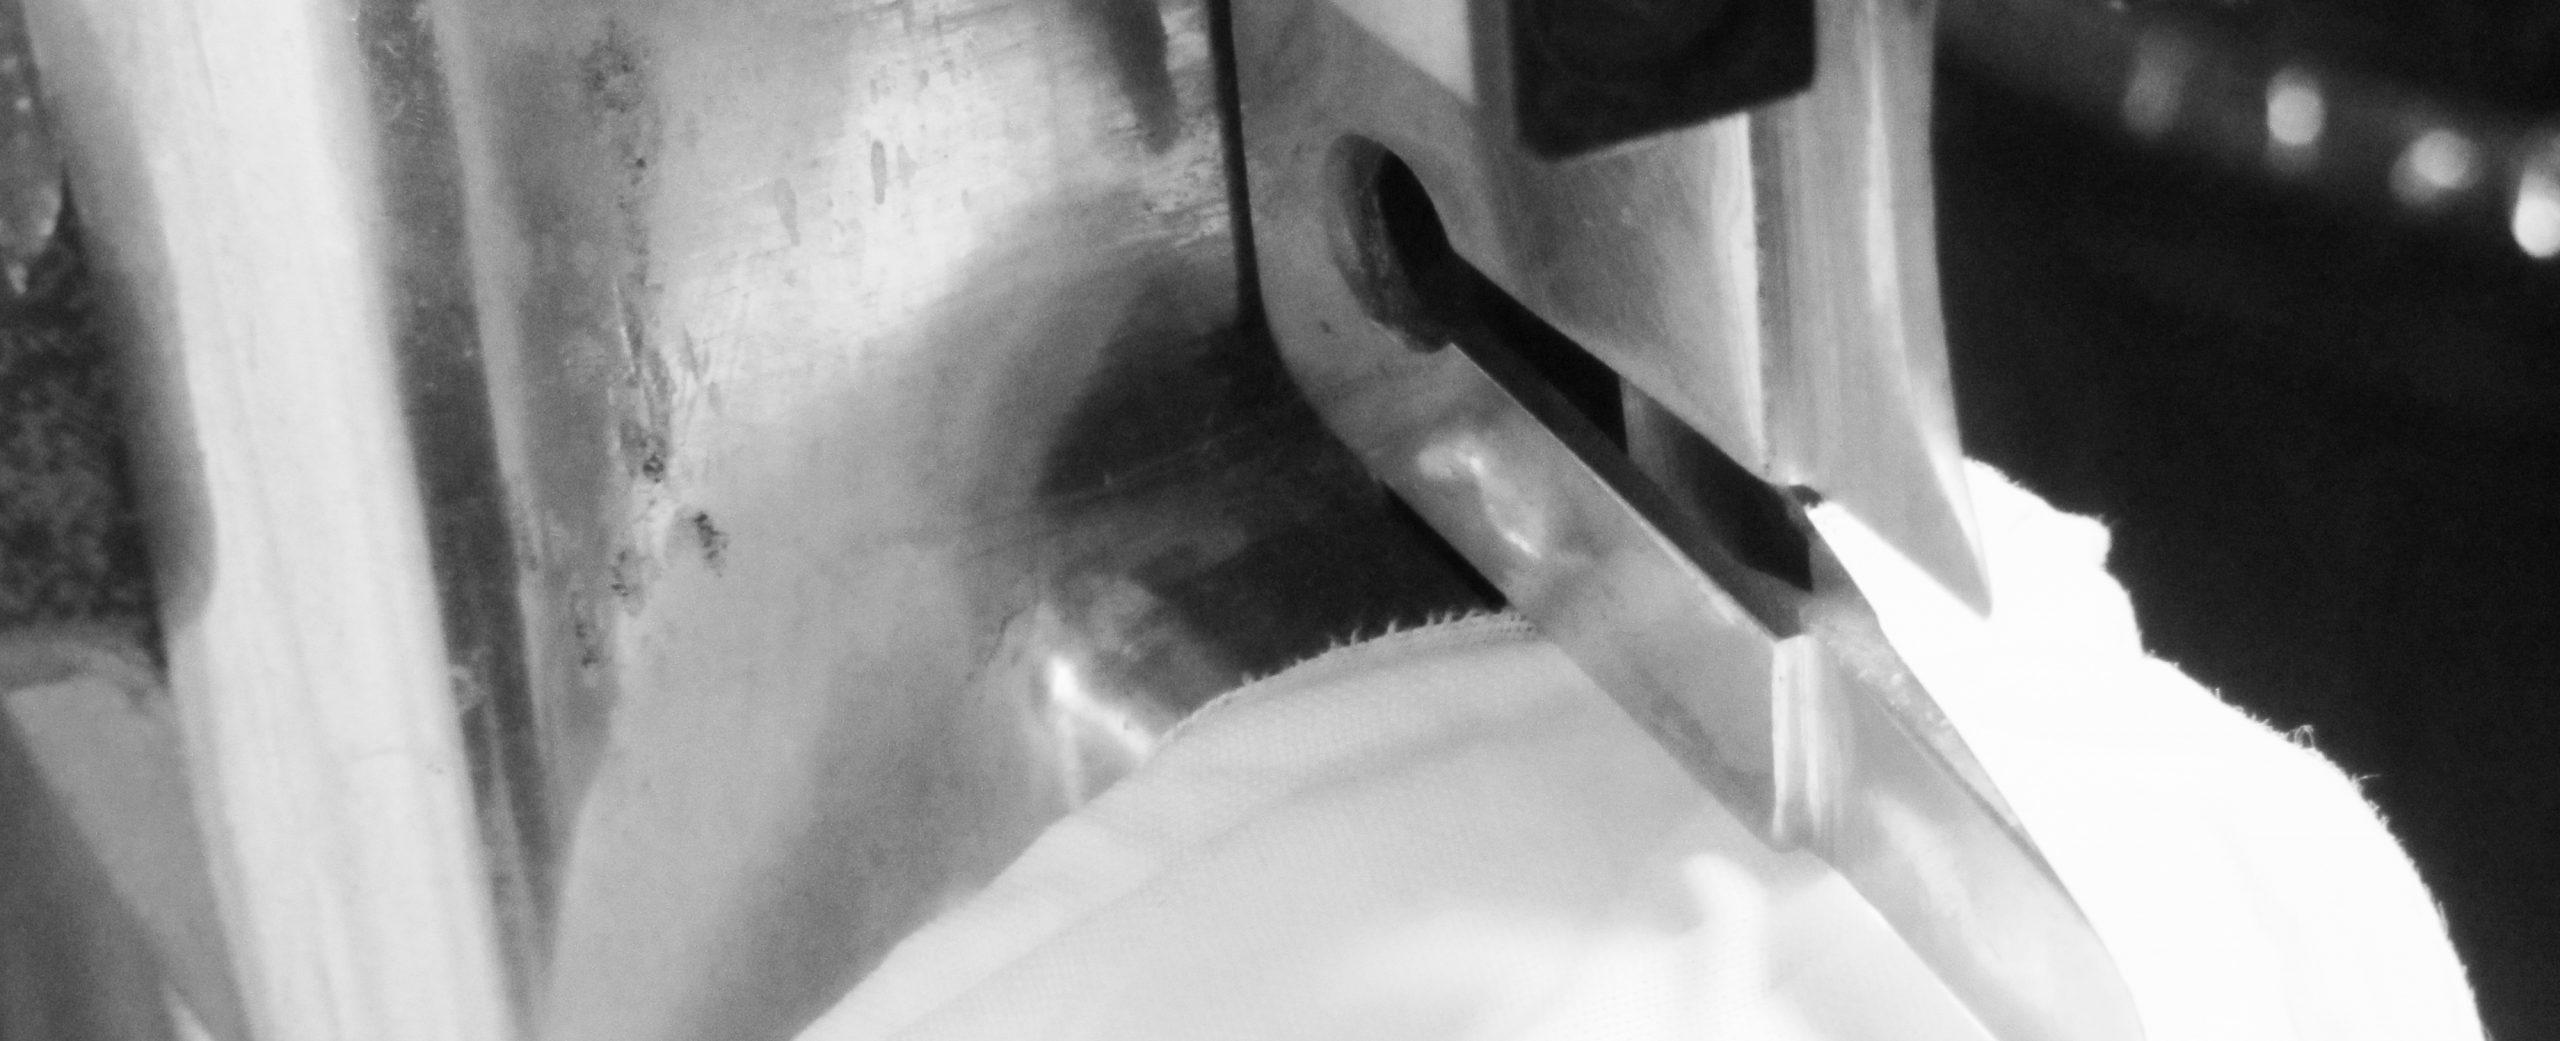 maquina-de-cortar-trapos by traposposzicos